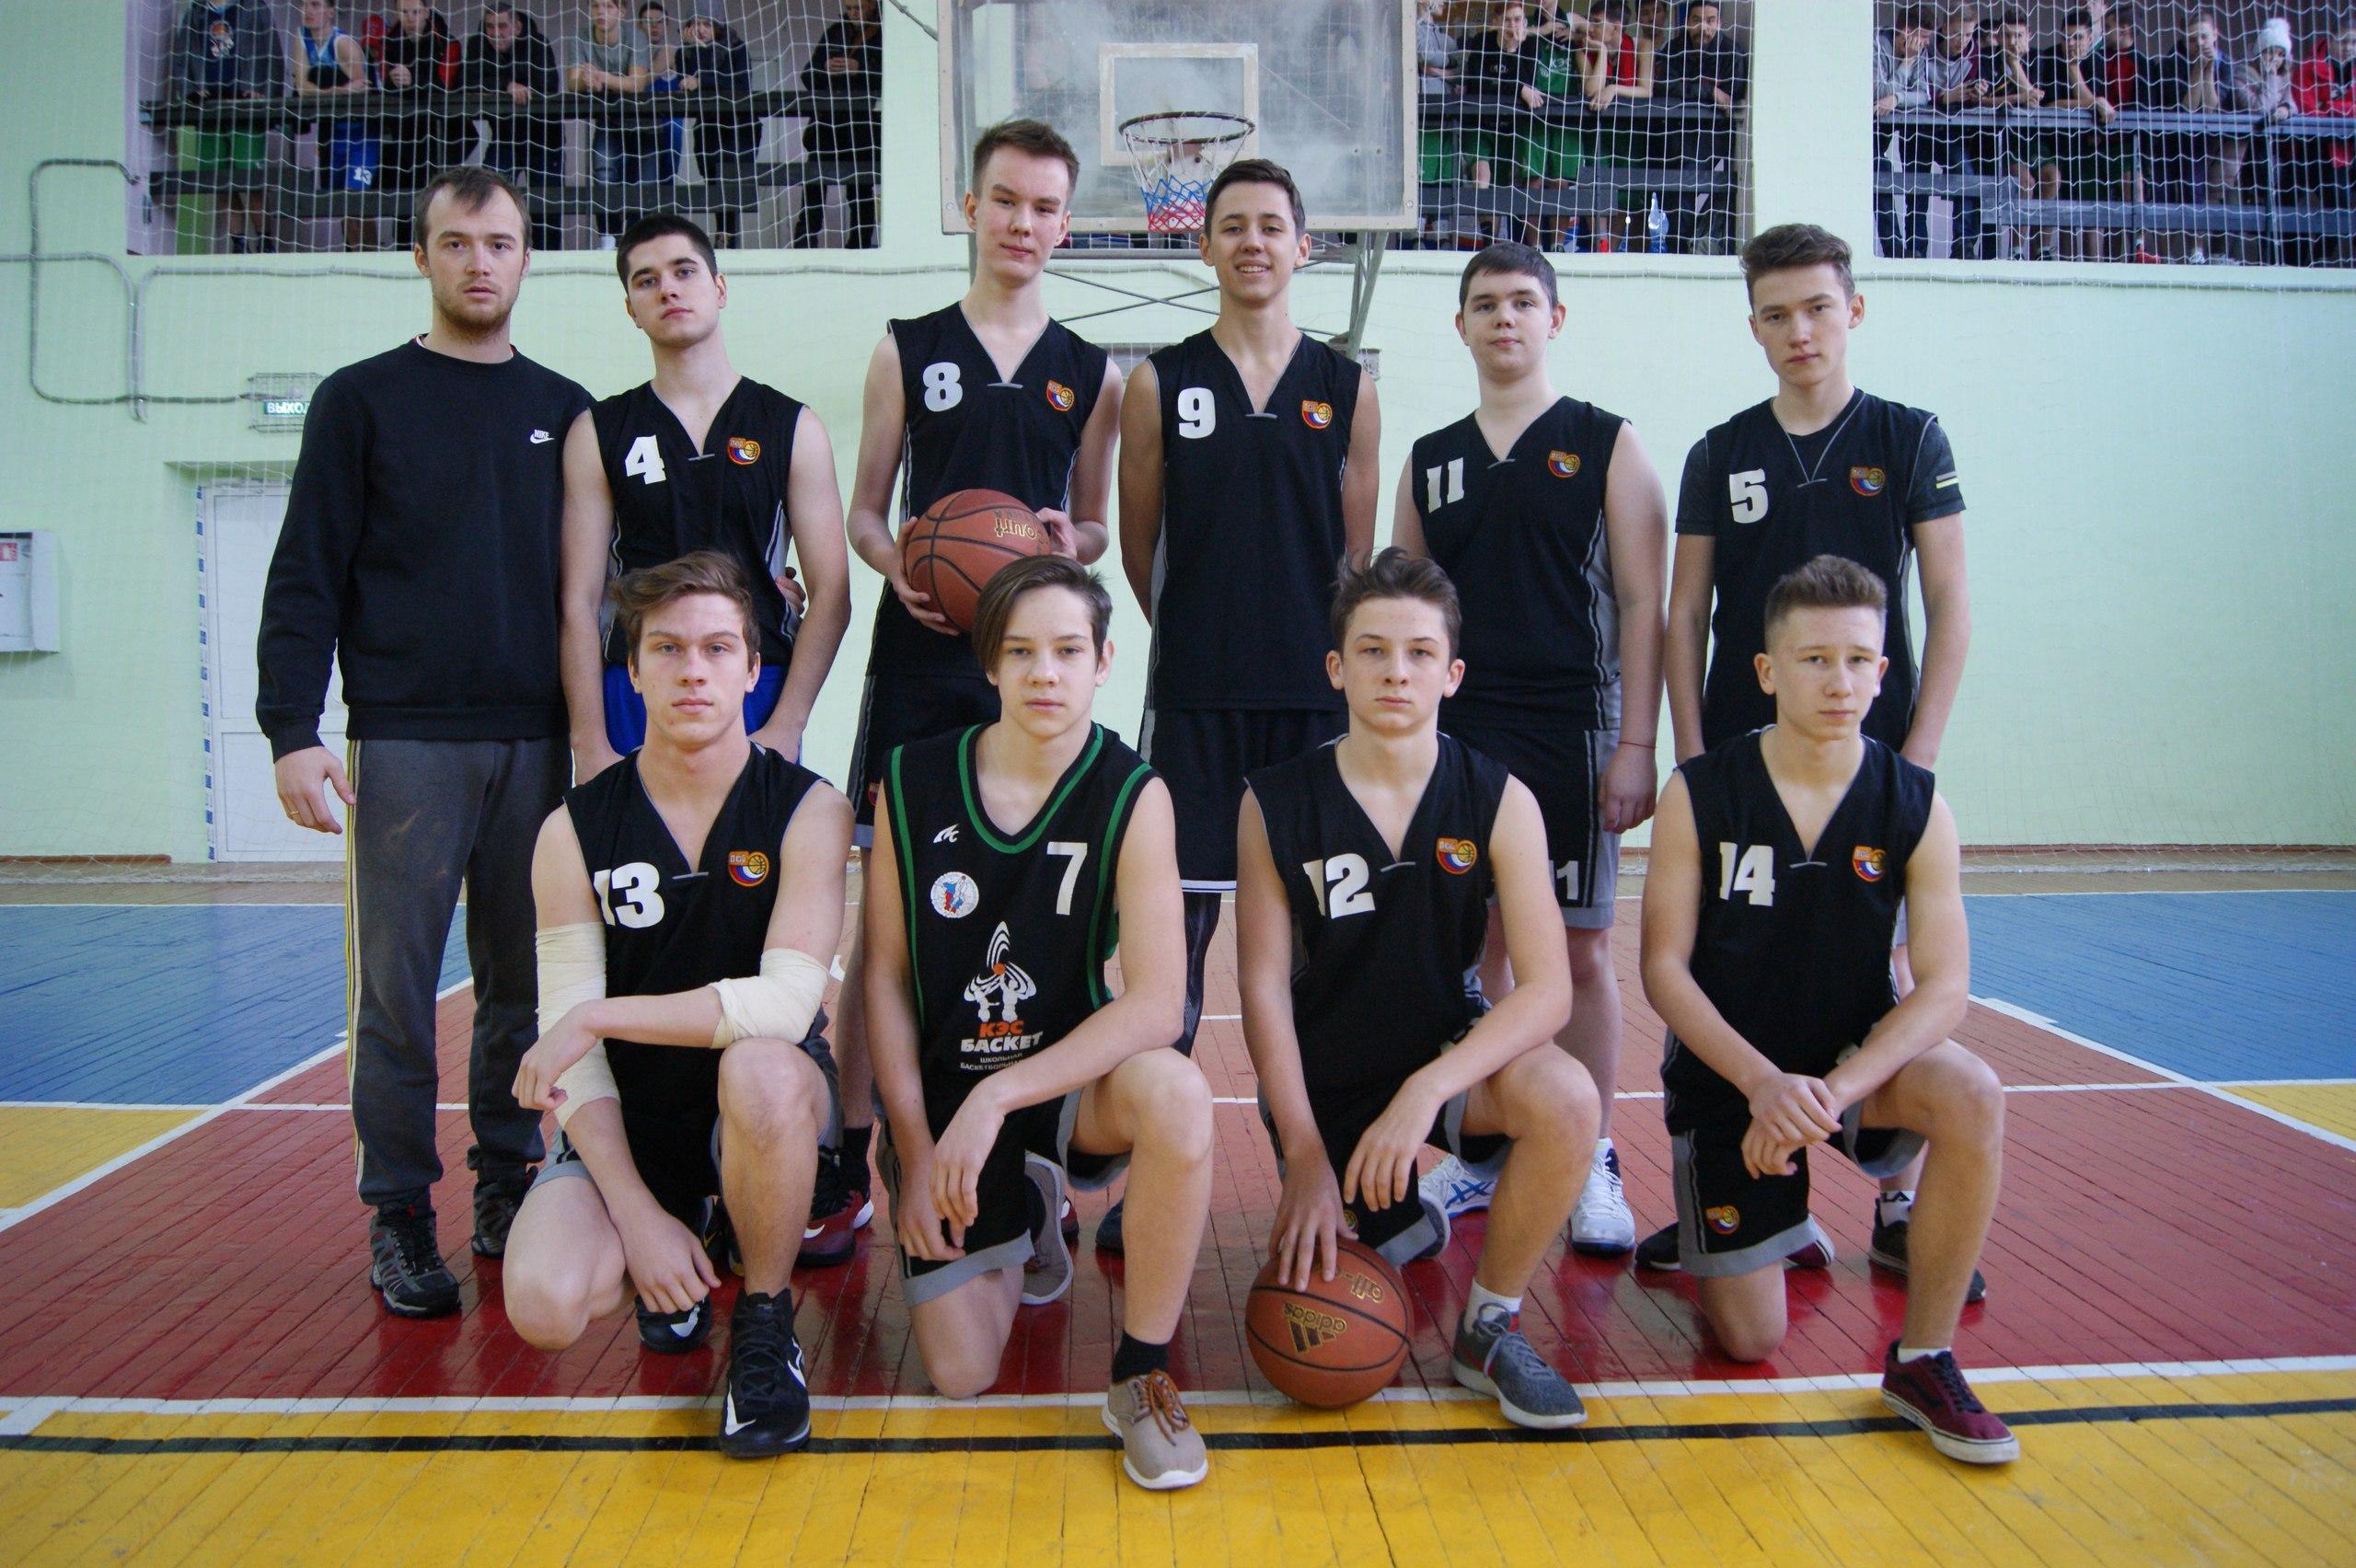 турнир по баскетболу памяти Кочкиной, Чайковский, 2018 год